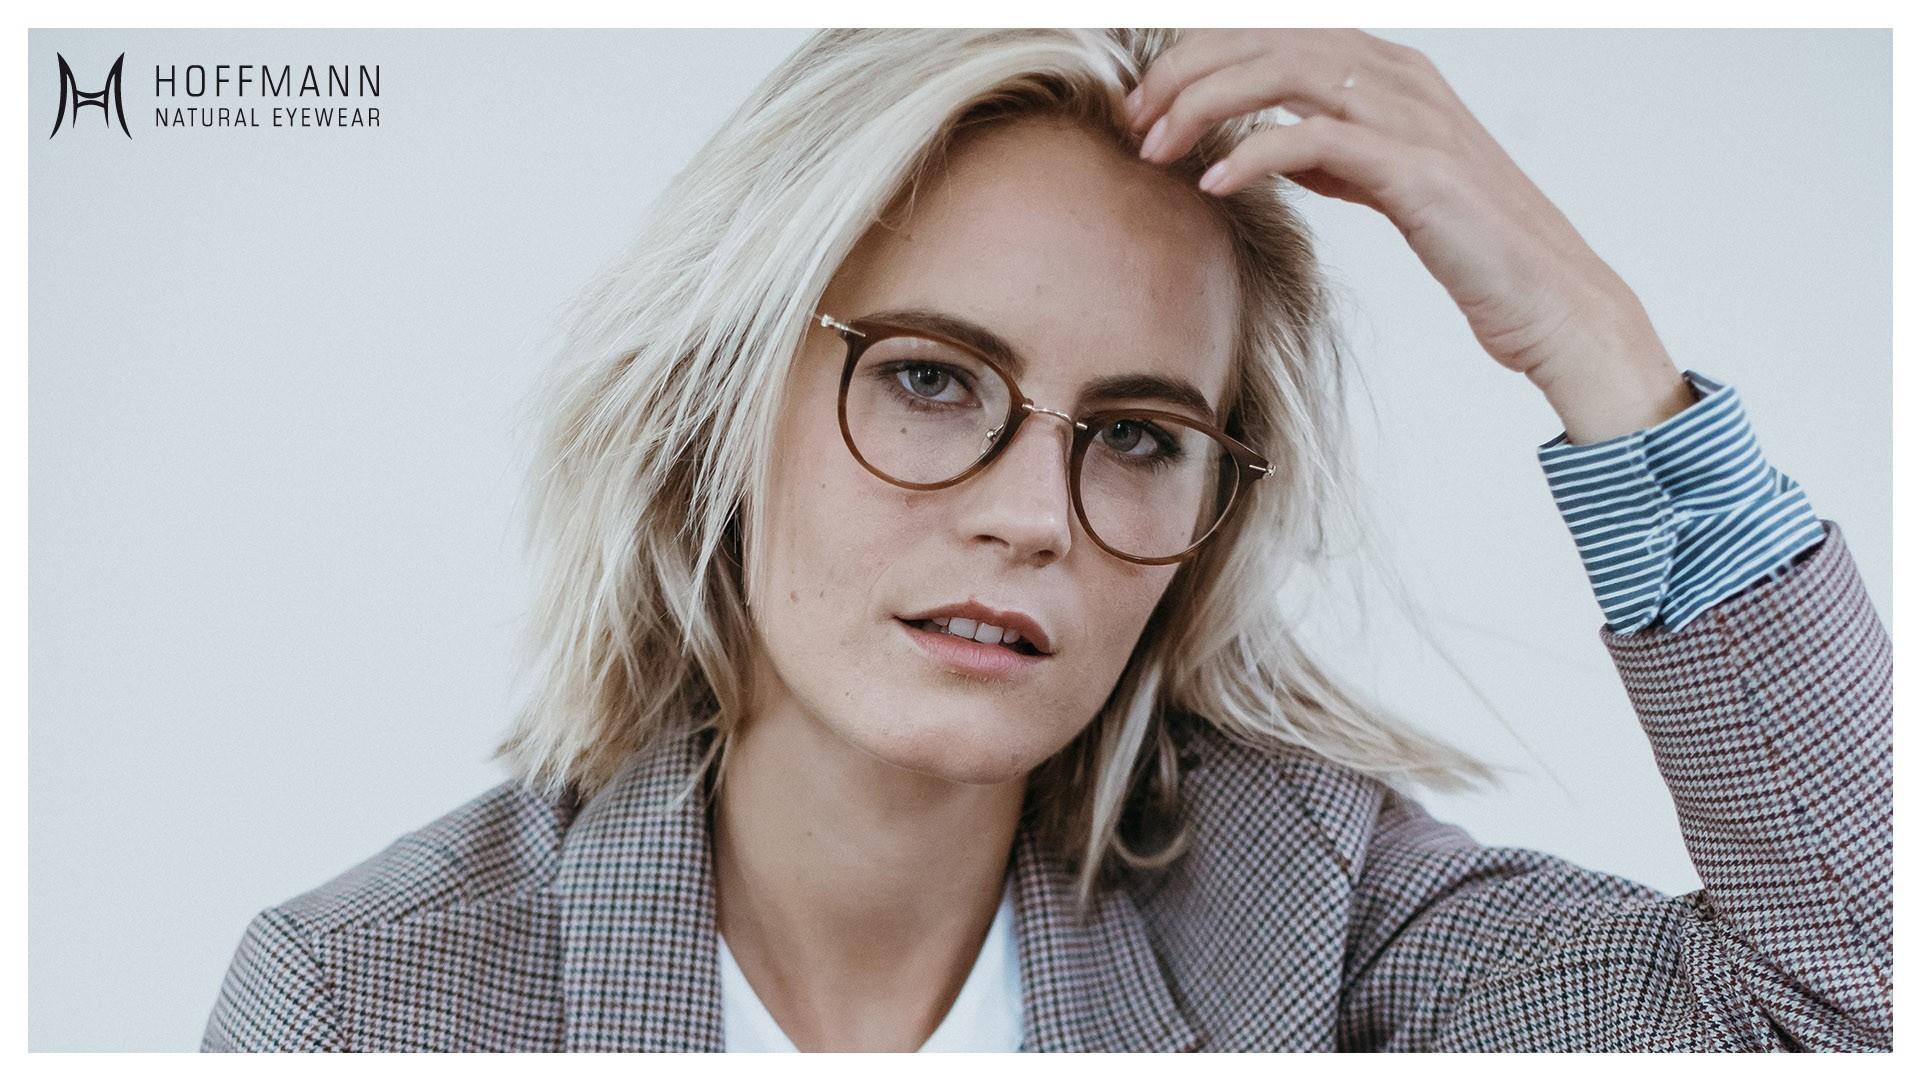 Nahaufnahme von einem Female Model mit schulterlangen Haaren, das einen Blazer und eine runde, braune Fassung von Hoffmann Natural Eyewear trägt.